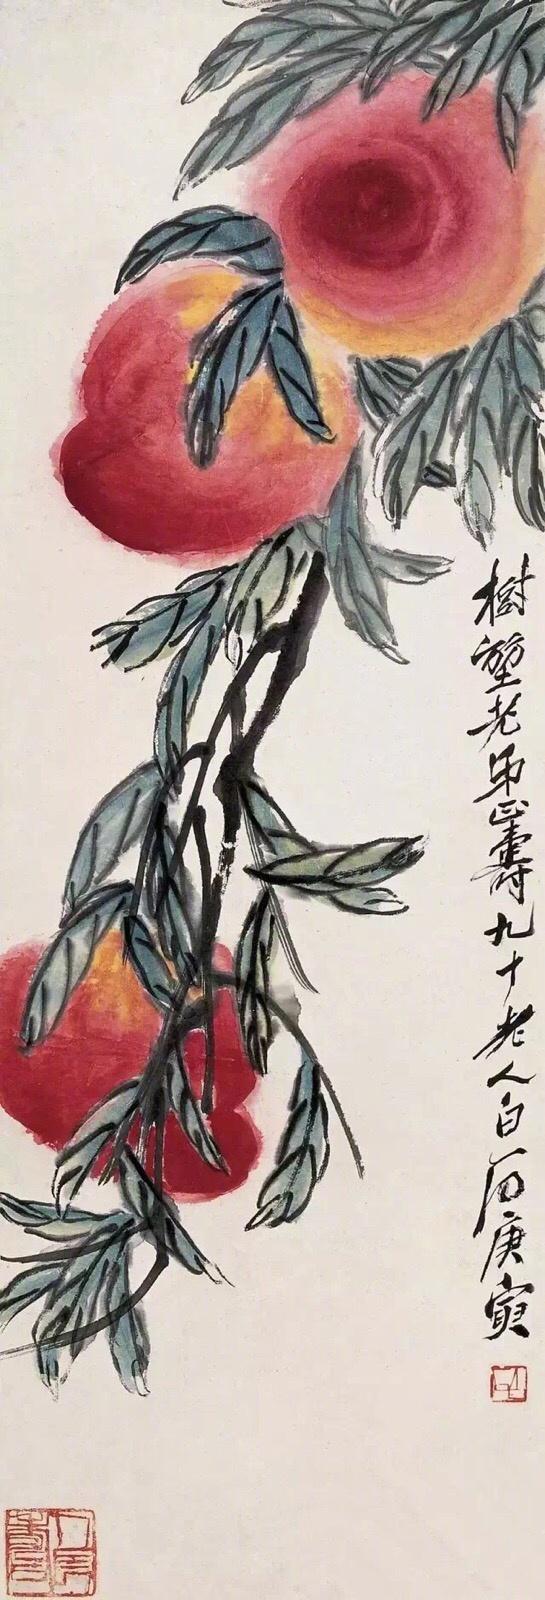 齐白石吉祥寿桃。寓意健康、长寿,幸福